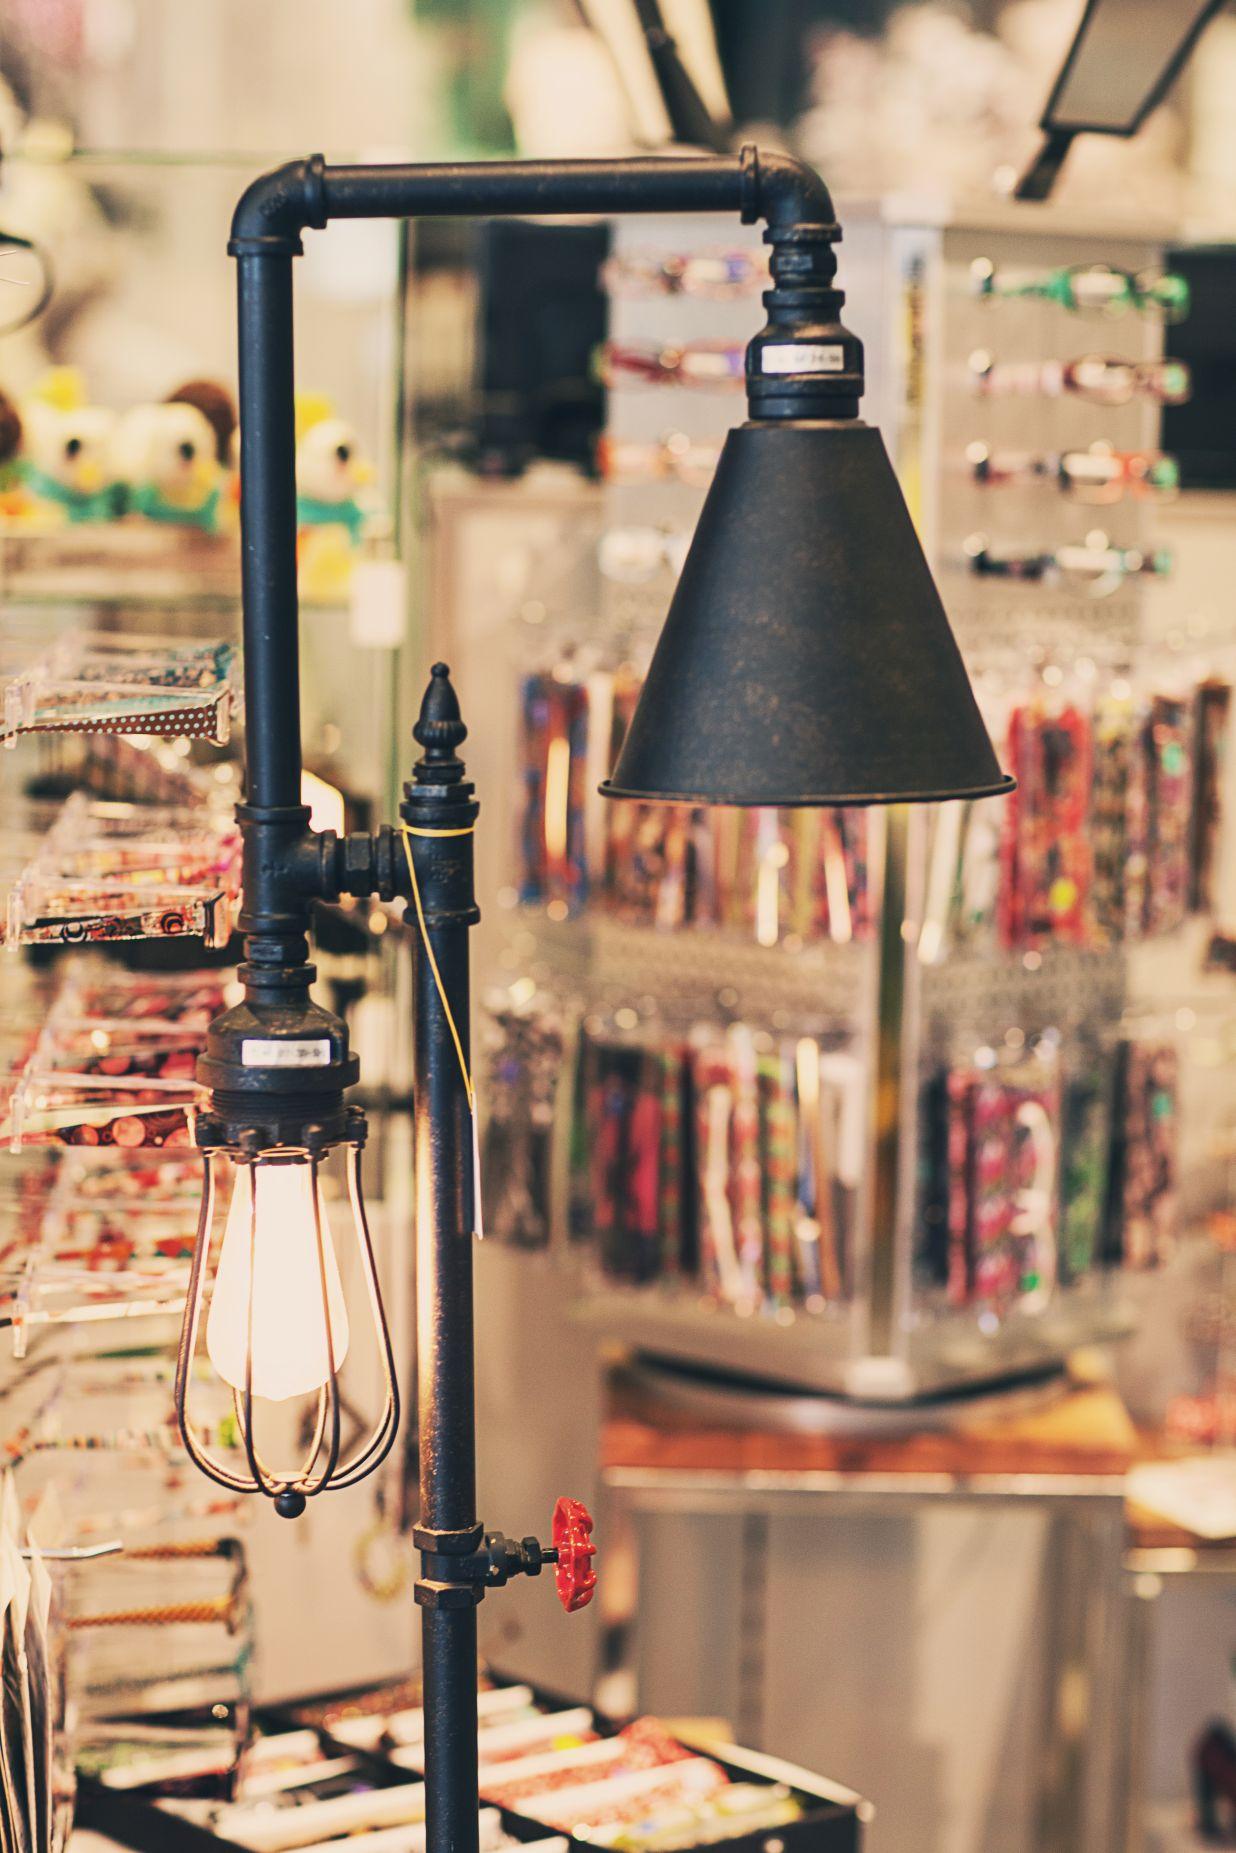 Lampe bei Ege